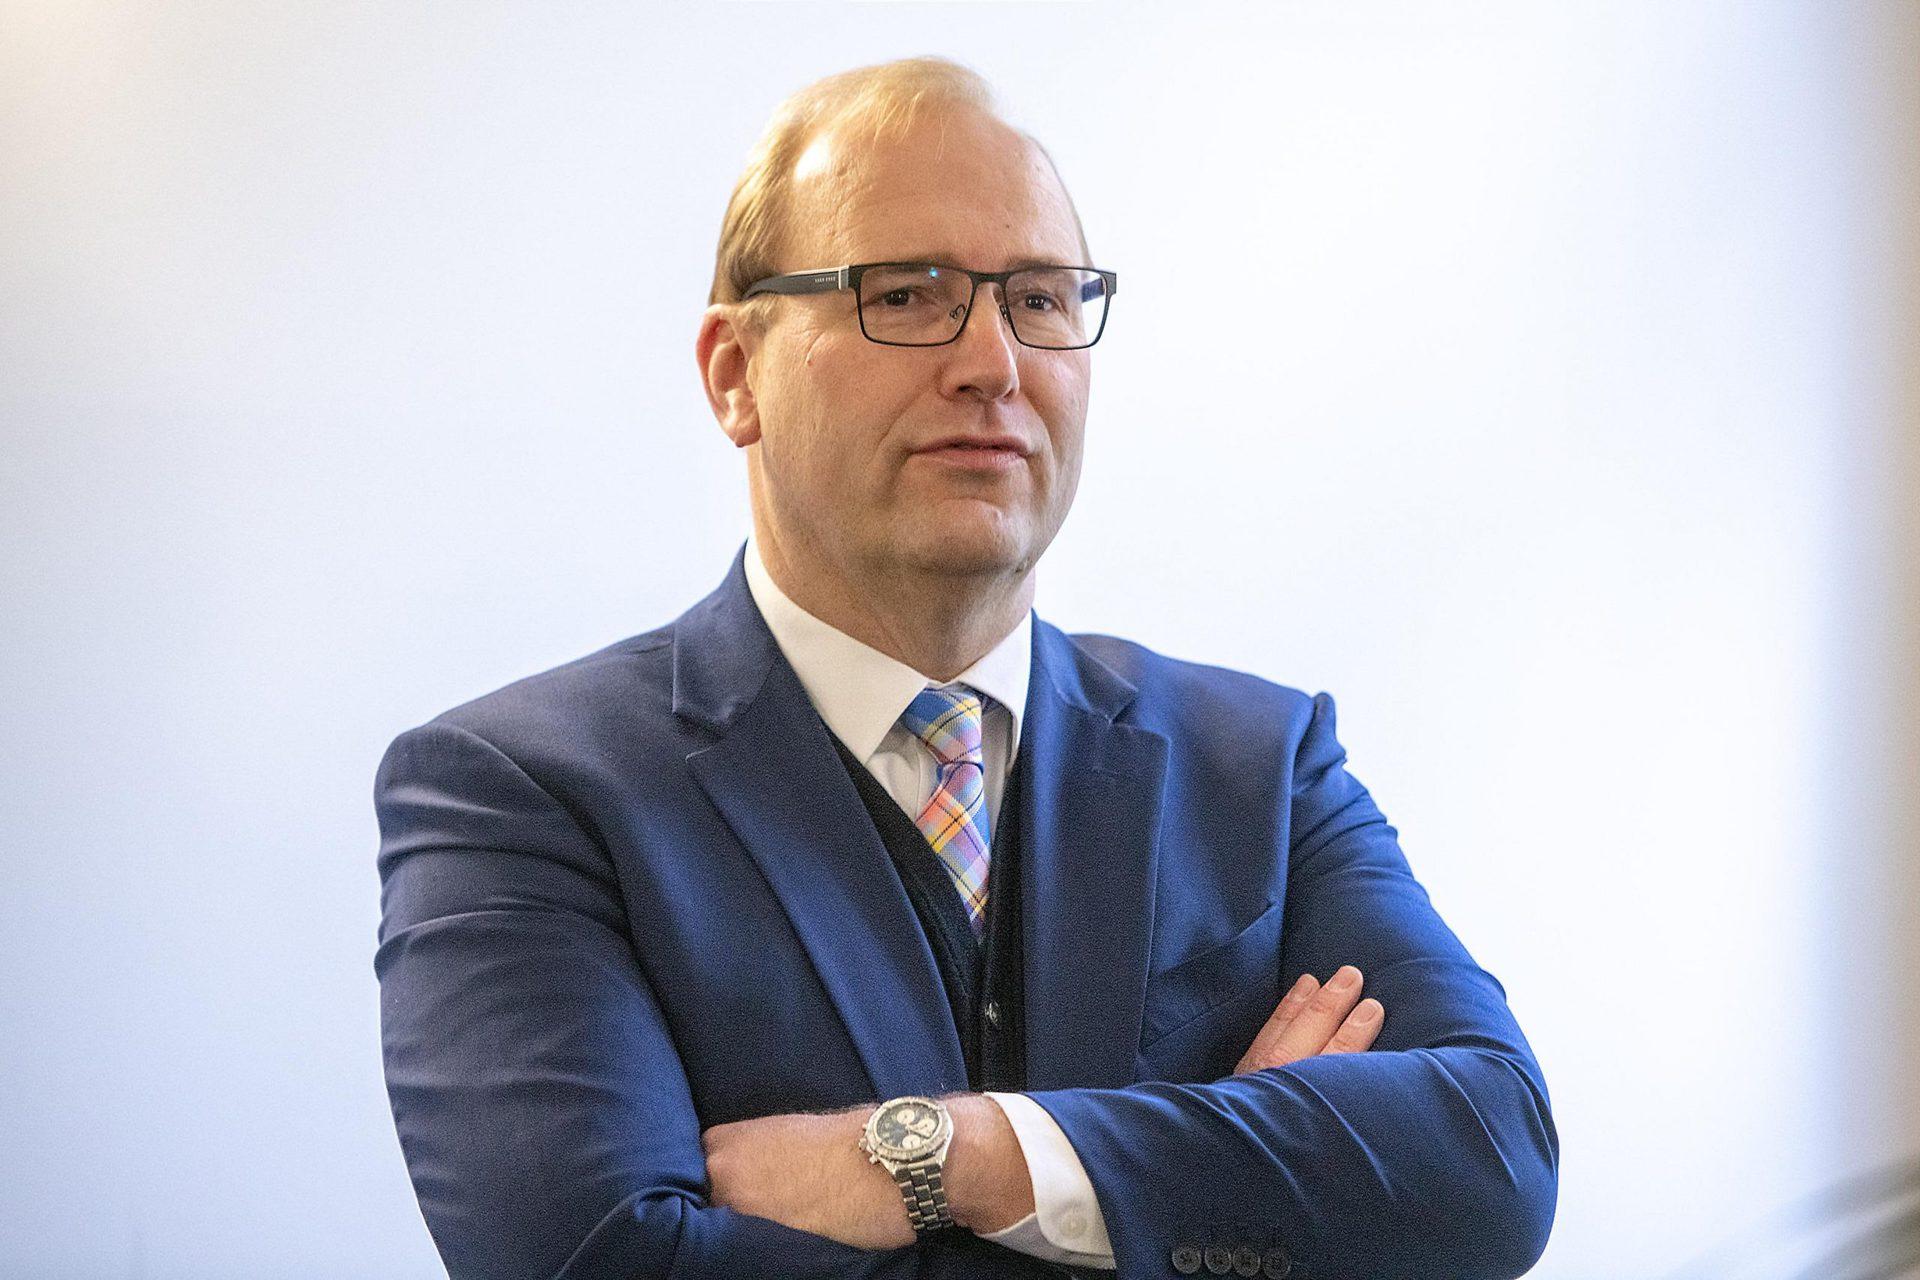 Prozess gegen Christian Schlegl Der frühere Oberbürgermeisterkandidat der CSU steht ab 8. April vor dem Landgericht Regensburg